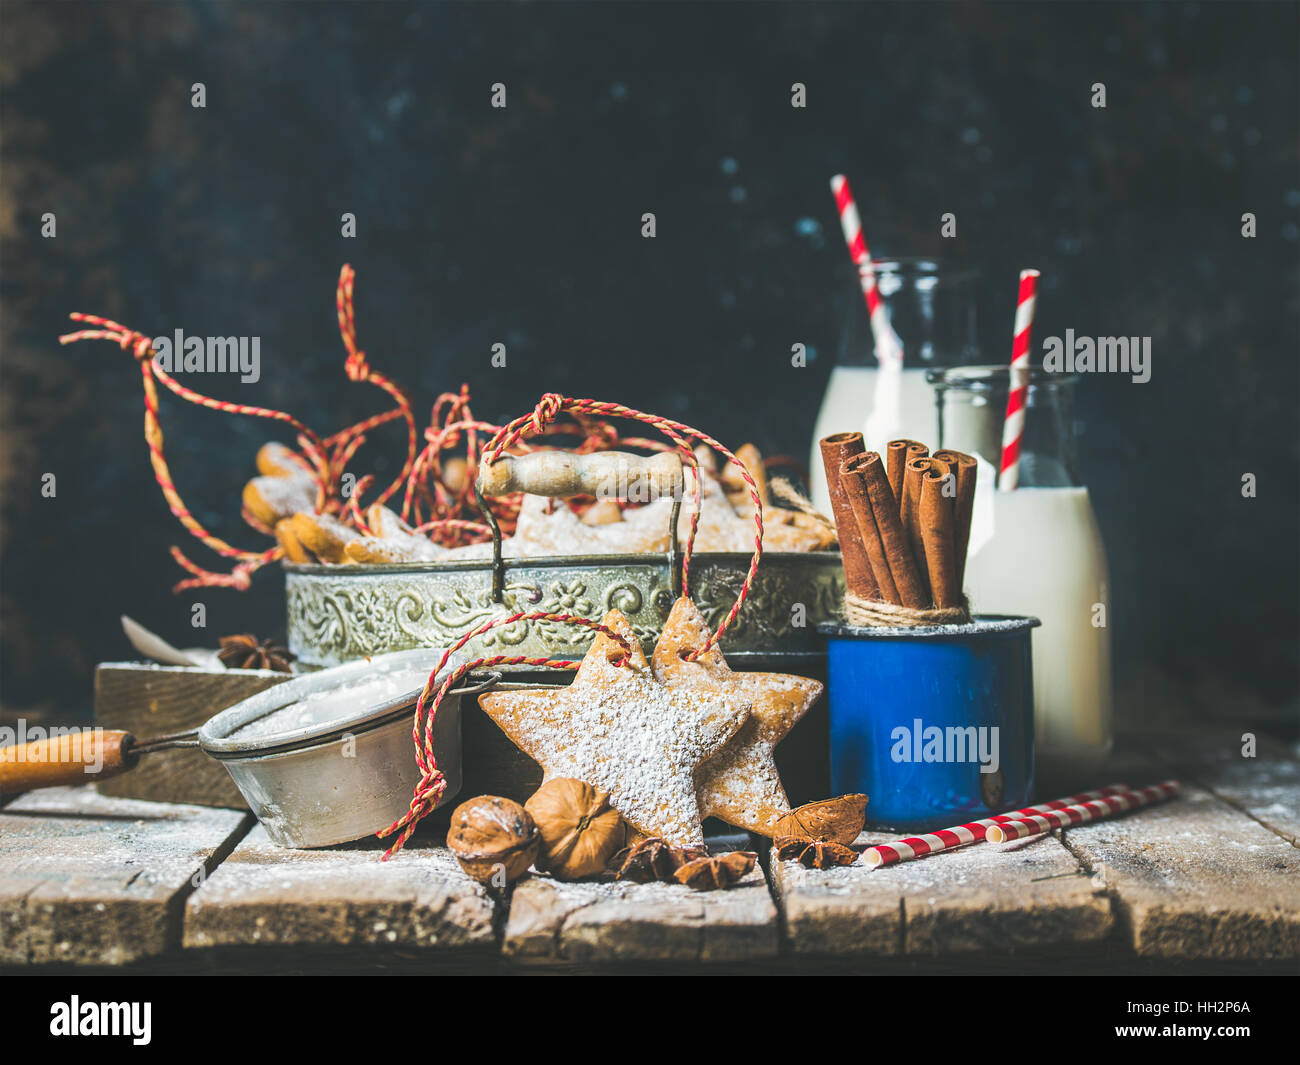 Fiestas Navideñas galletas de jengibre en forma de estrella en la bandeja vintage Imagen De Stock